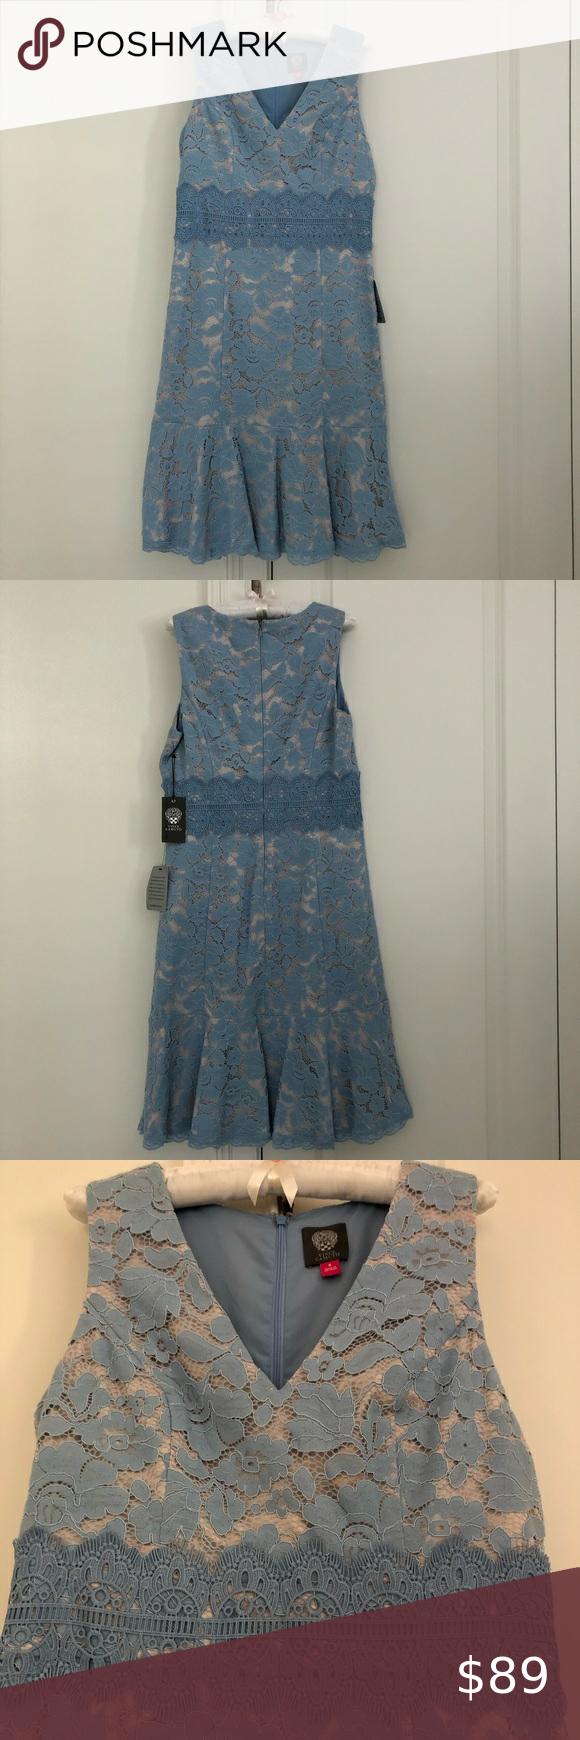 New Vince Camuto Sleeveless Blue Lace Dress Vince Camuto Sleeveless Powder Blue Lace Flounced Dress Back Zipper Ne Lace Blue Dress Clothes Design Blue Lace [ 1740 x 580 Pixel ]